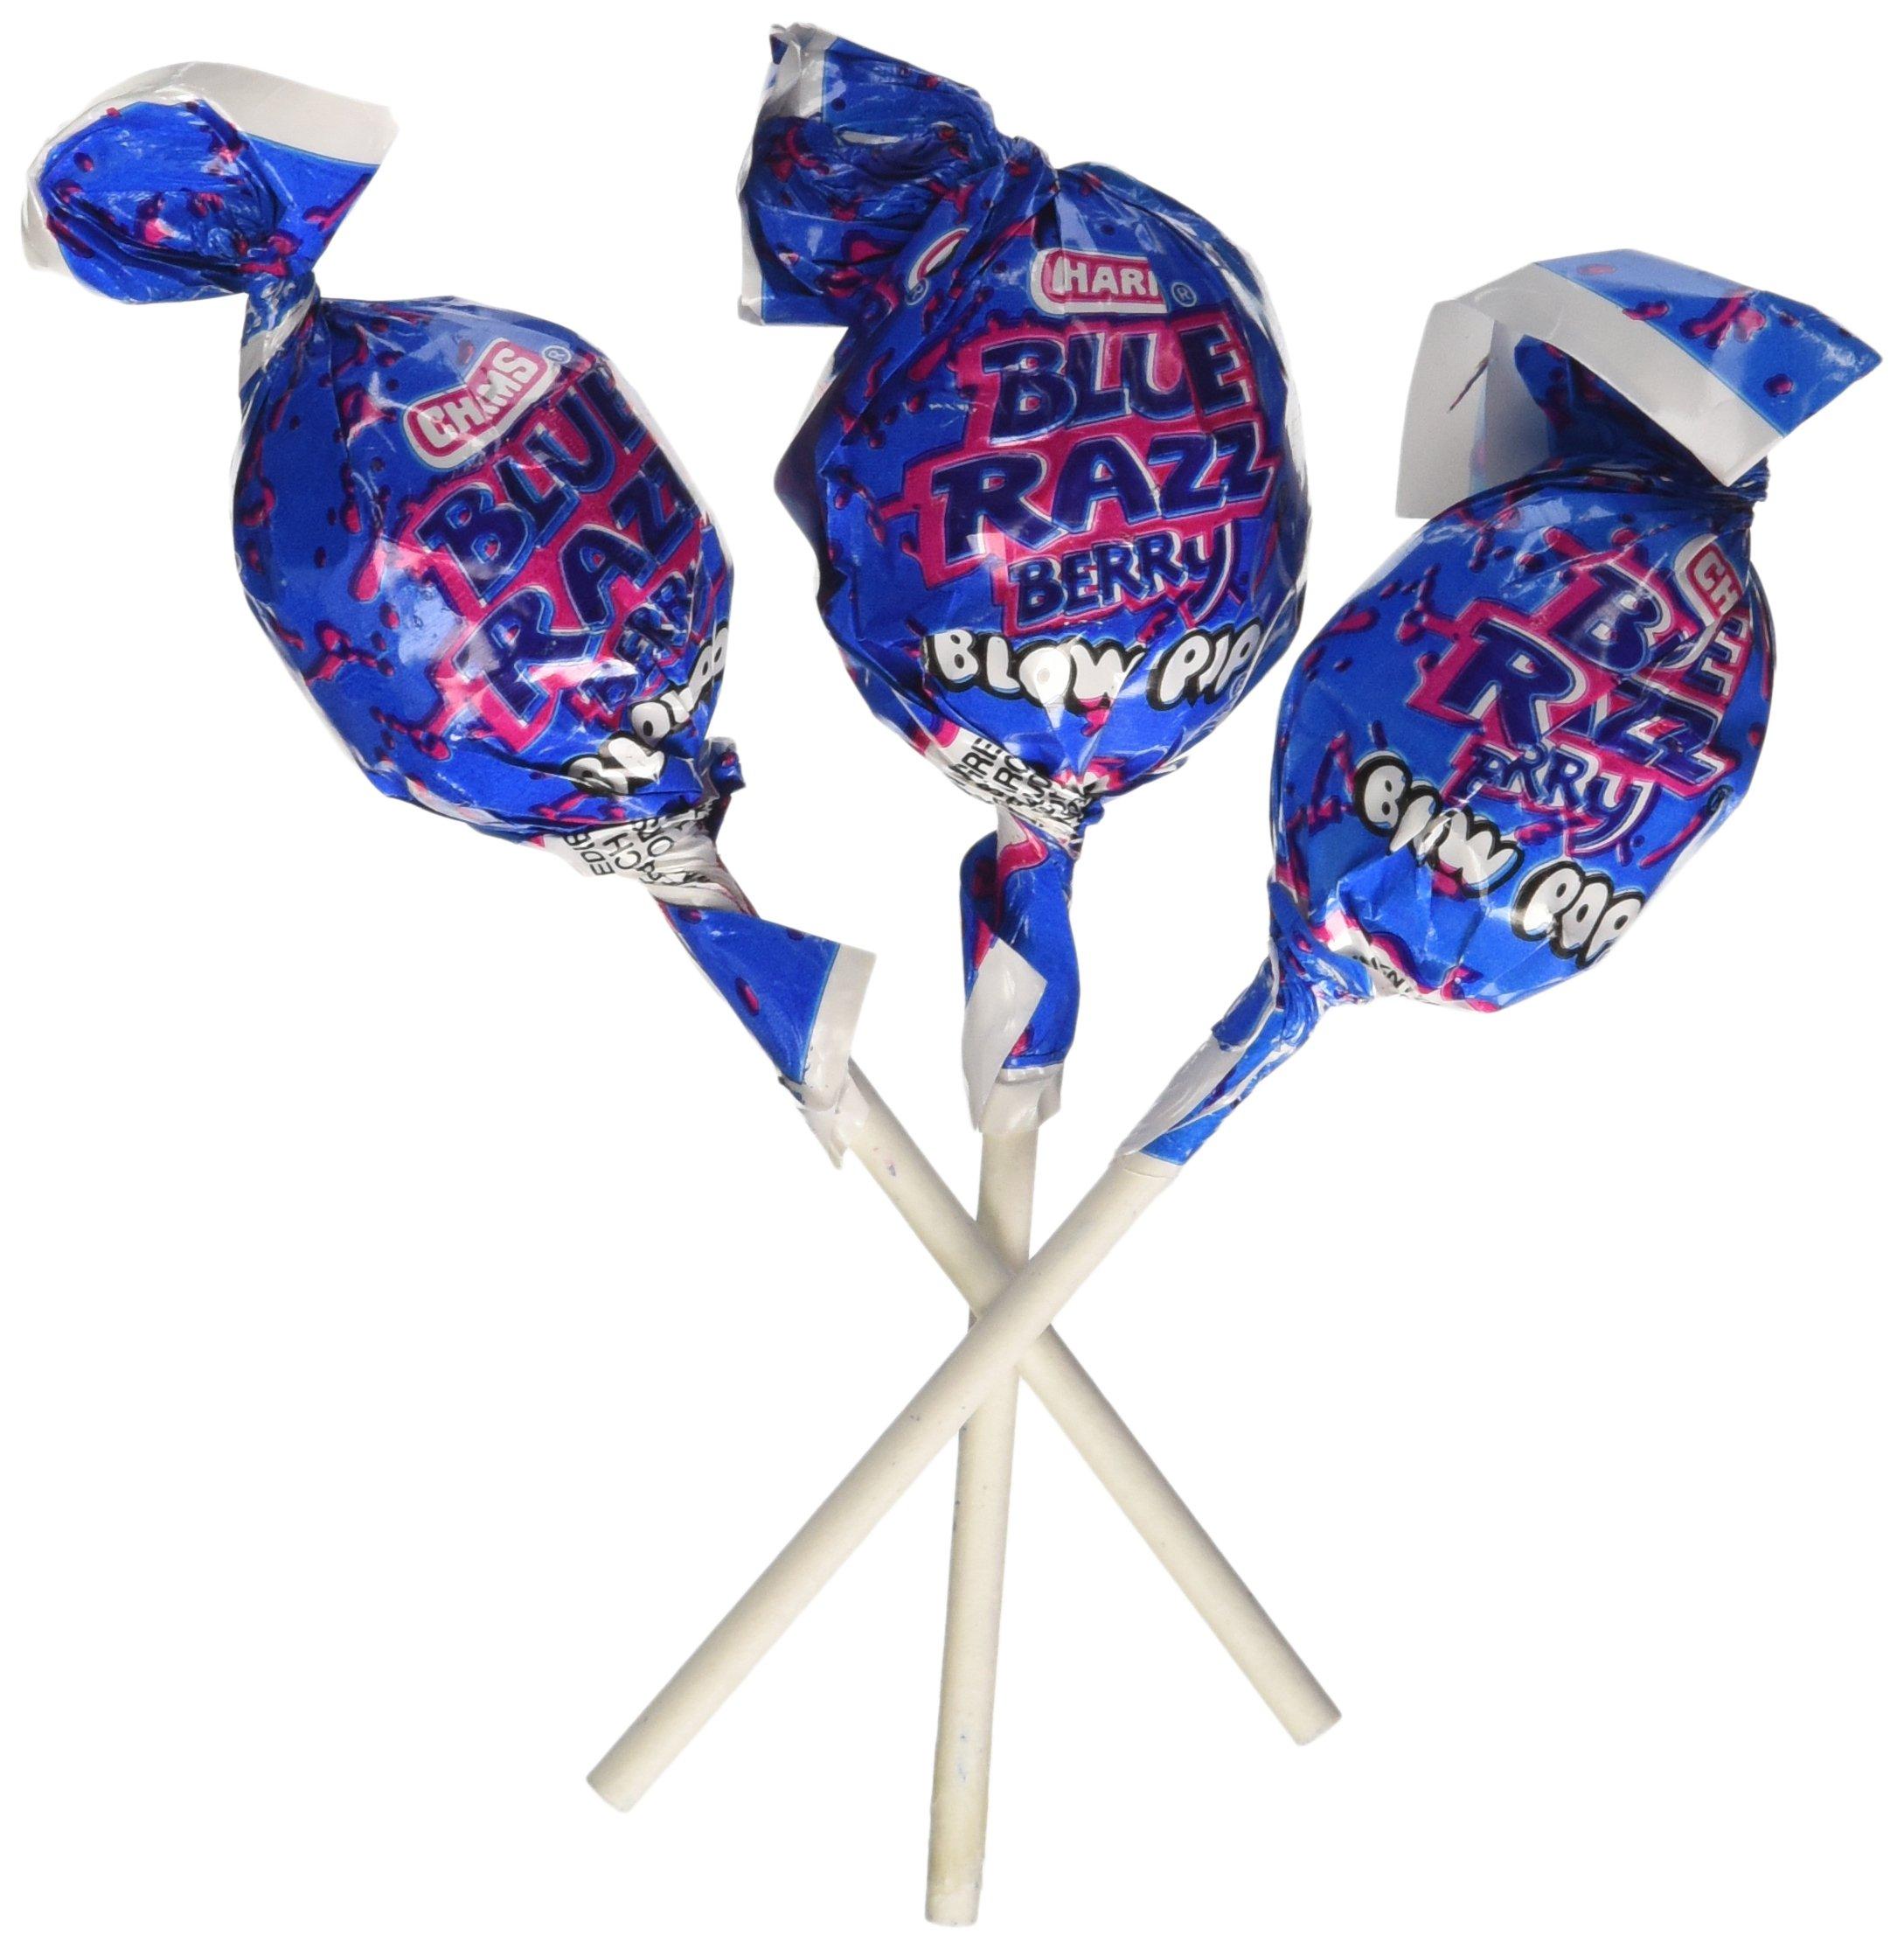 Charms Blue Razzberry Blow Pops Lollipops Quantity: 48